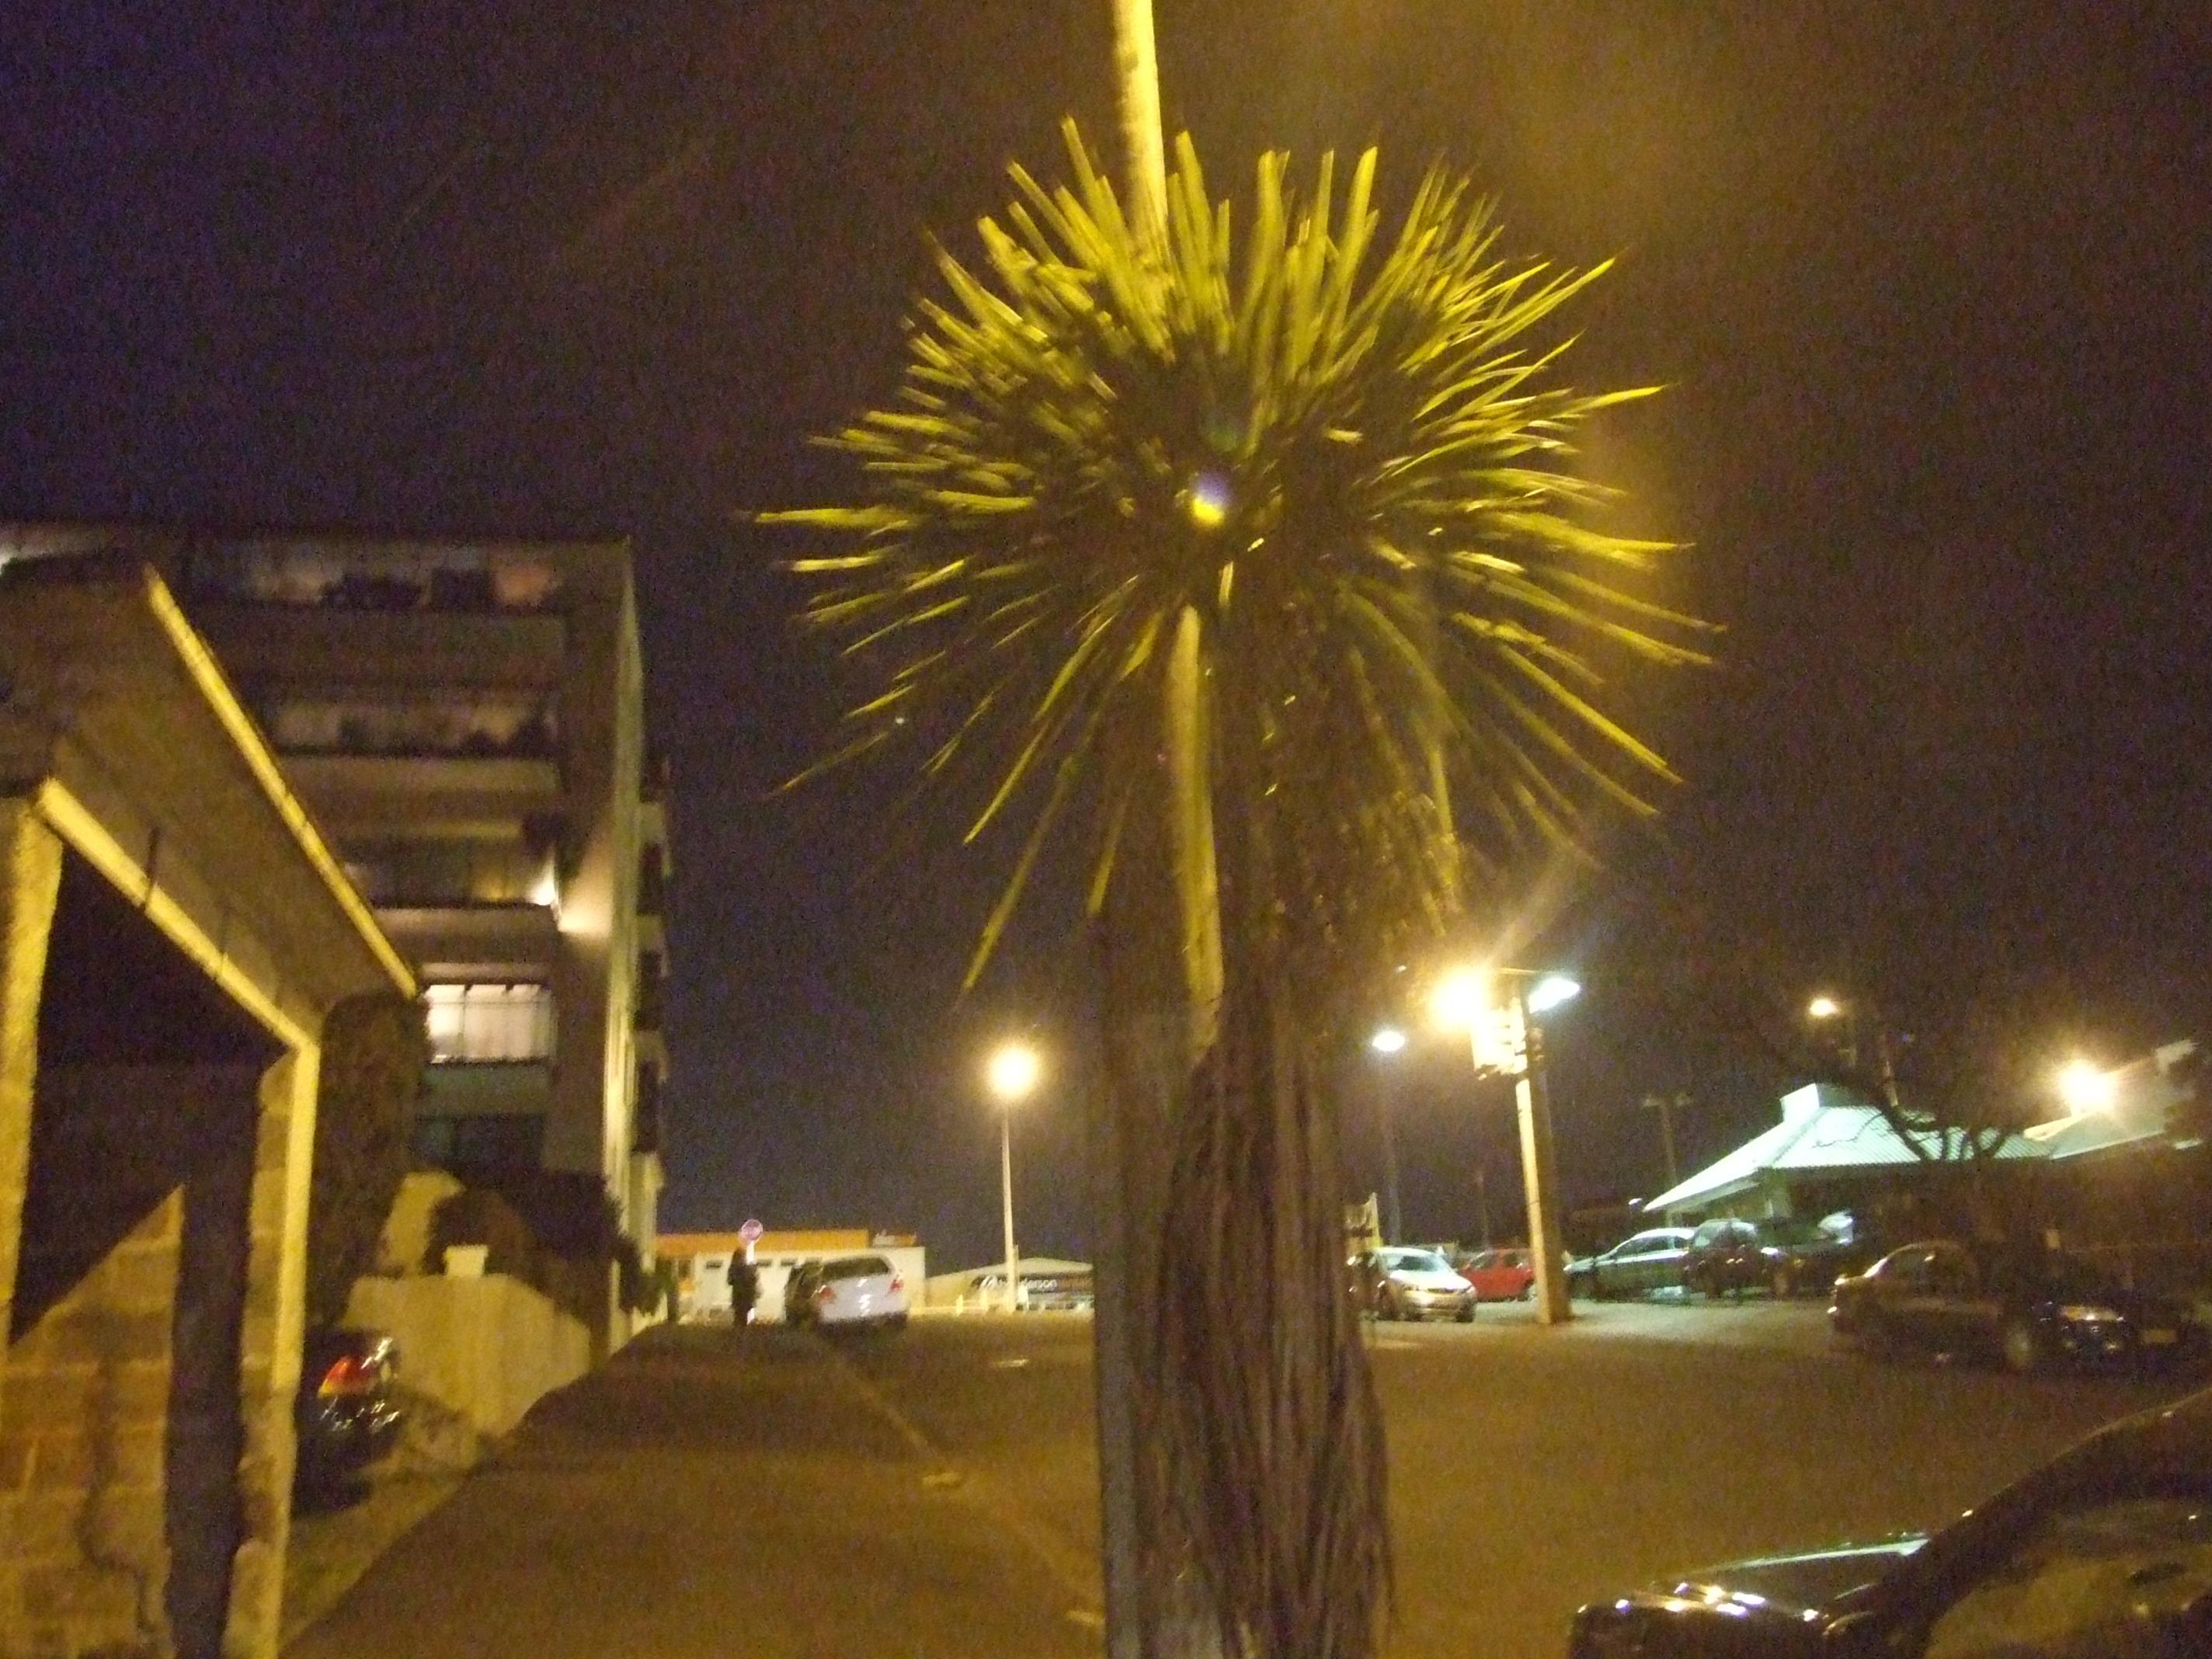 Ariki Street, Auckland